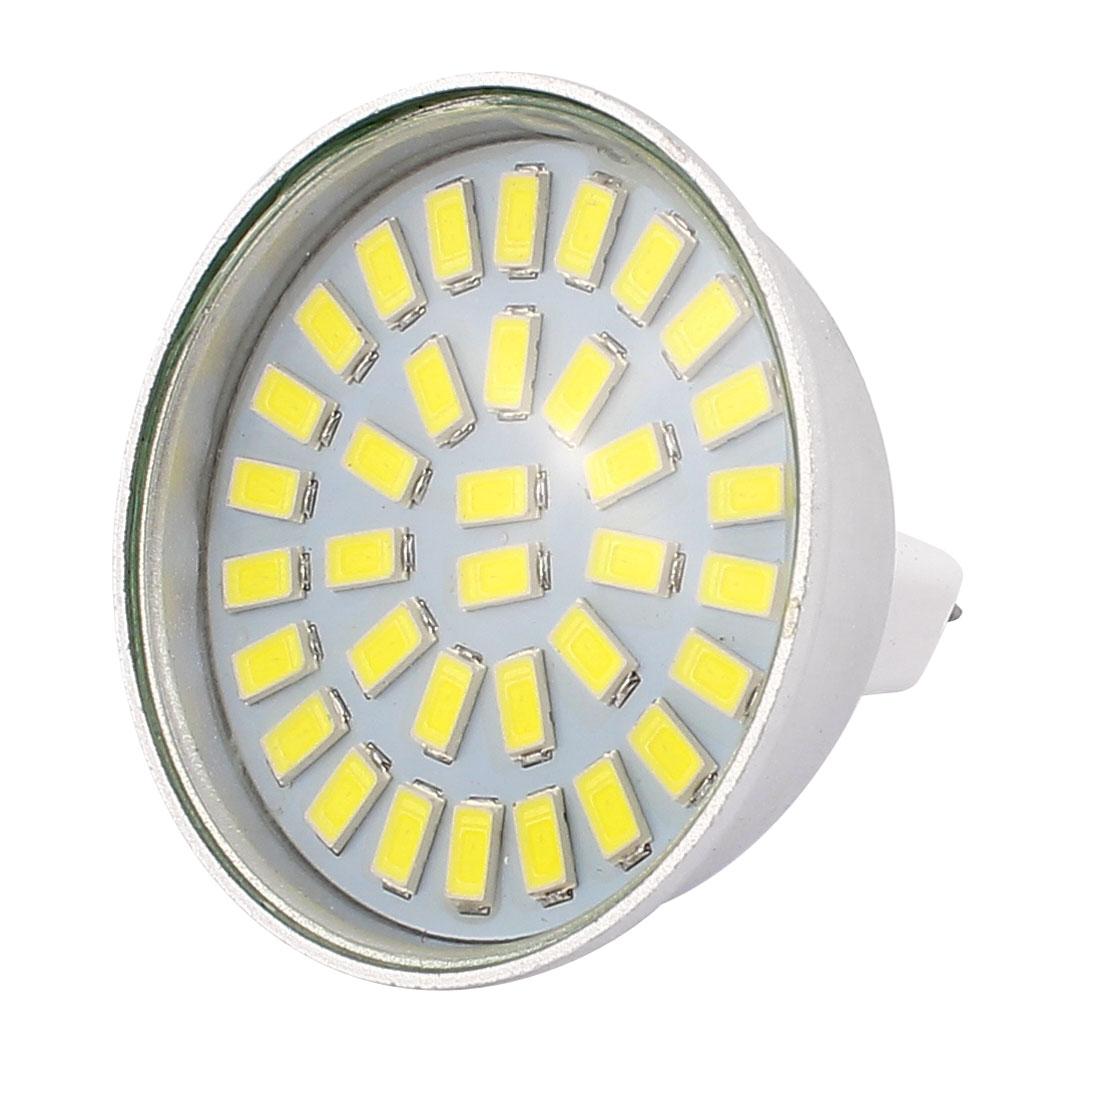 220V-240V 5W MR16 5730 SMD 35 LEDs LED Bulb Light Spotlight Lamp Energy Saving White